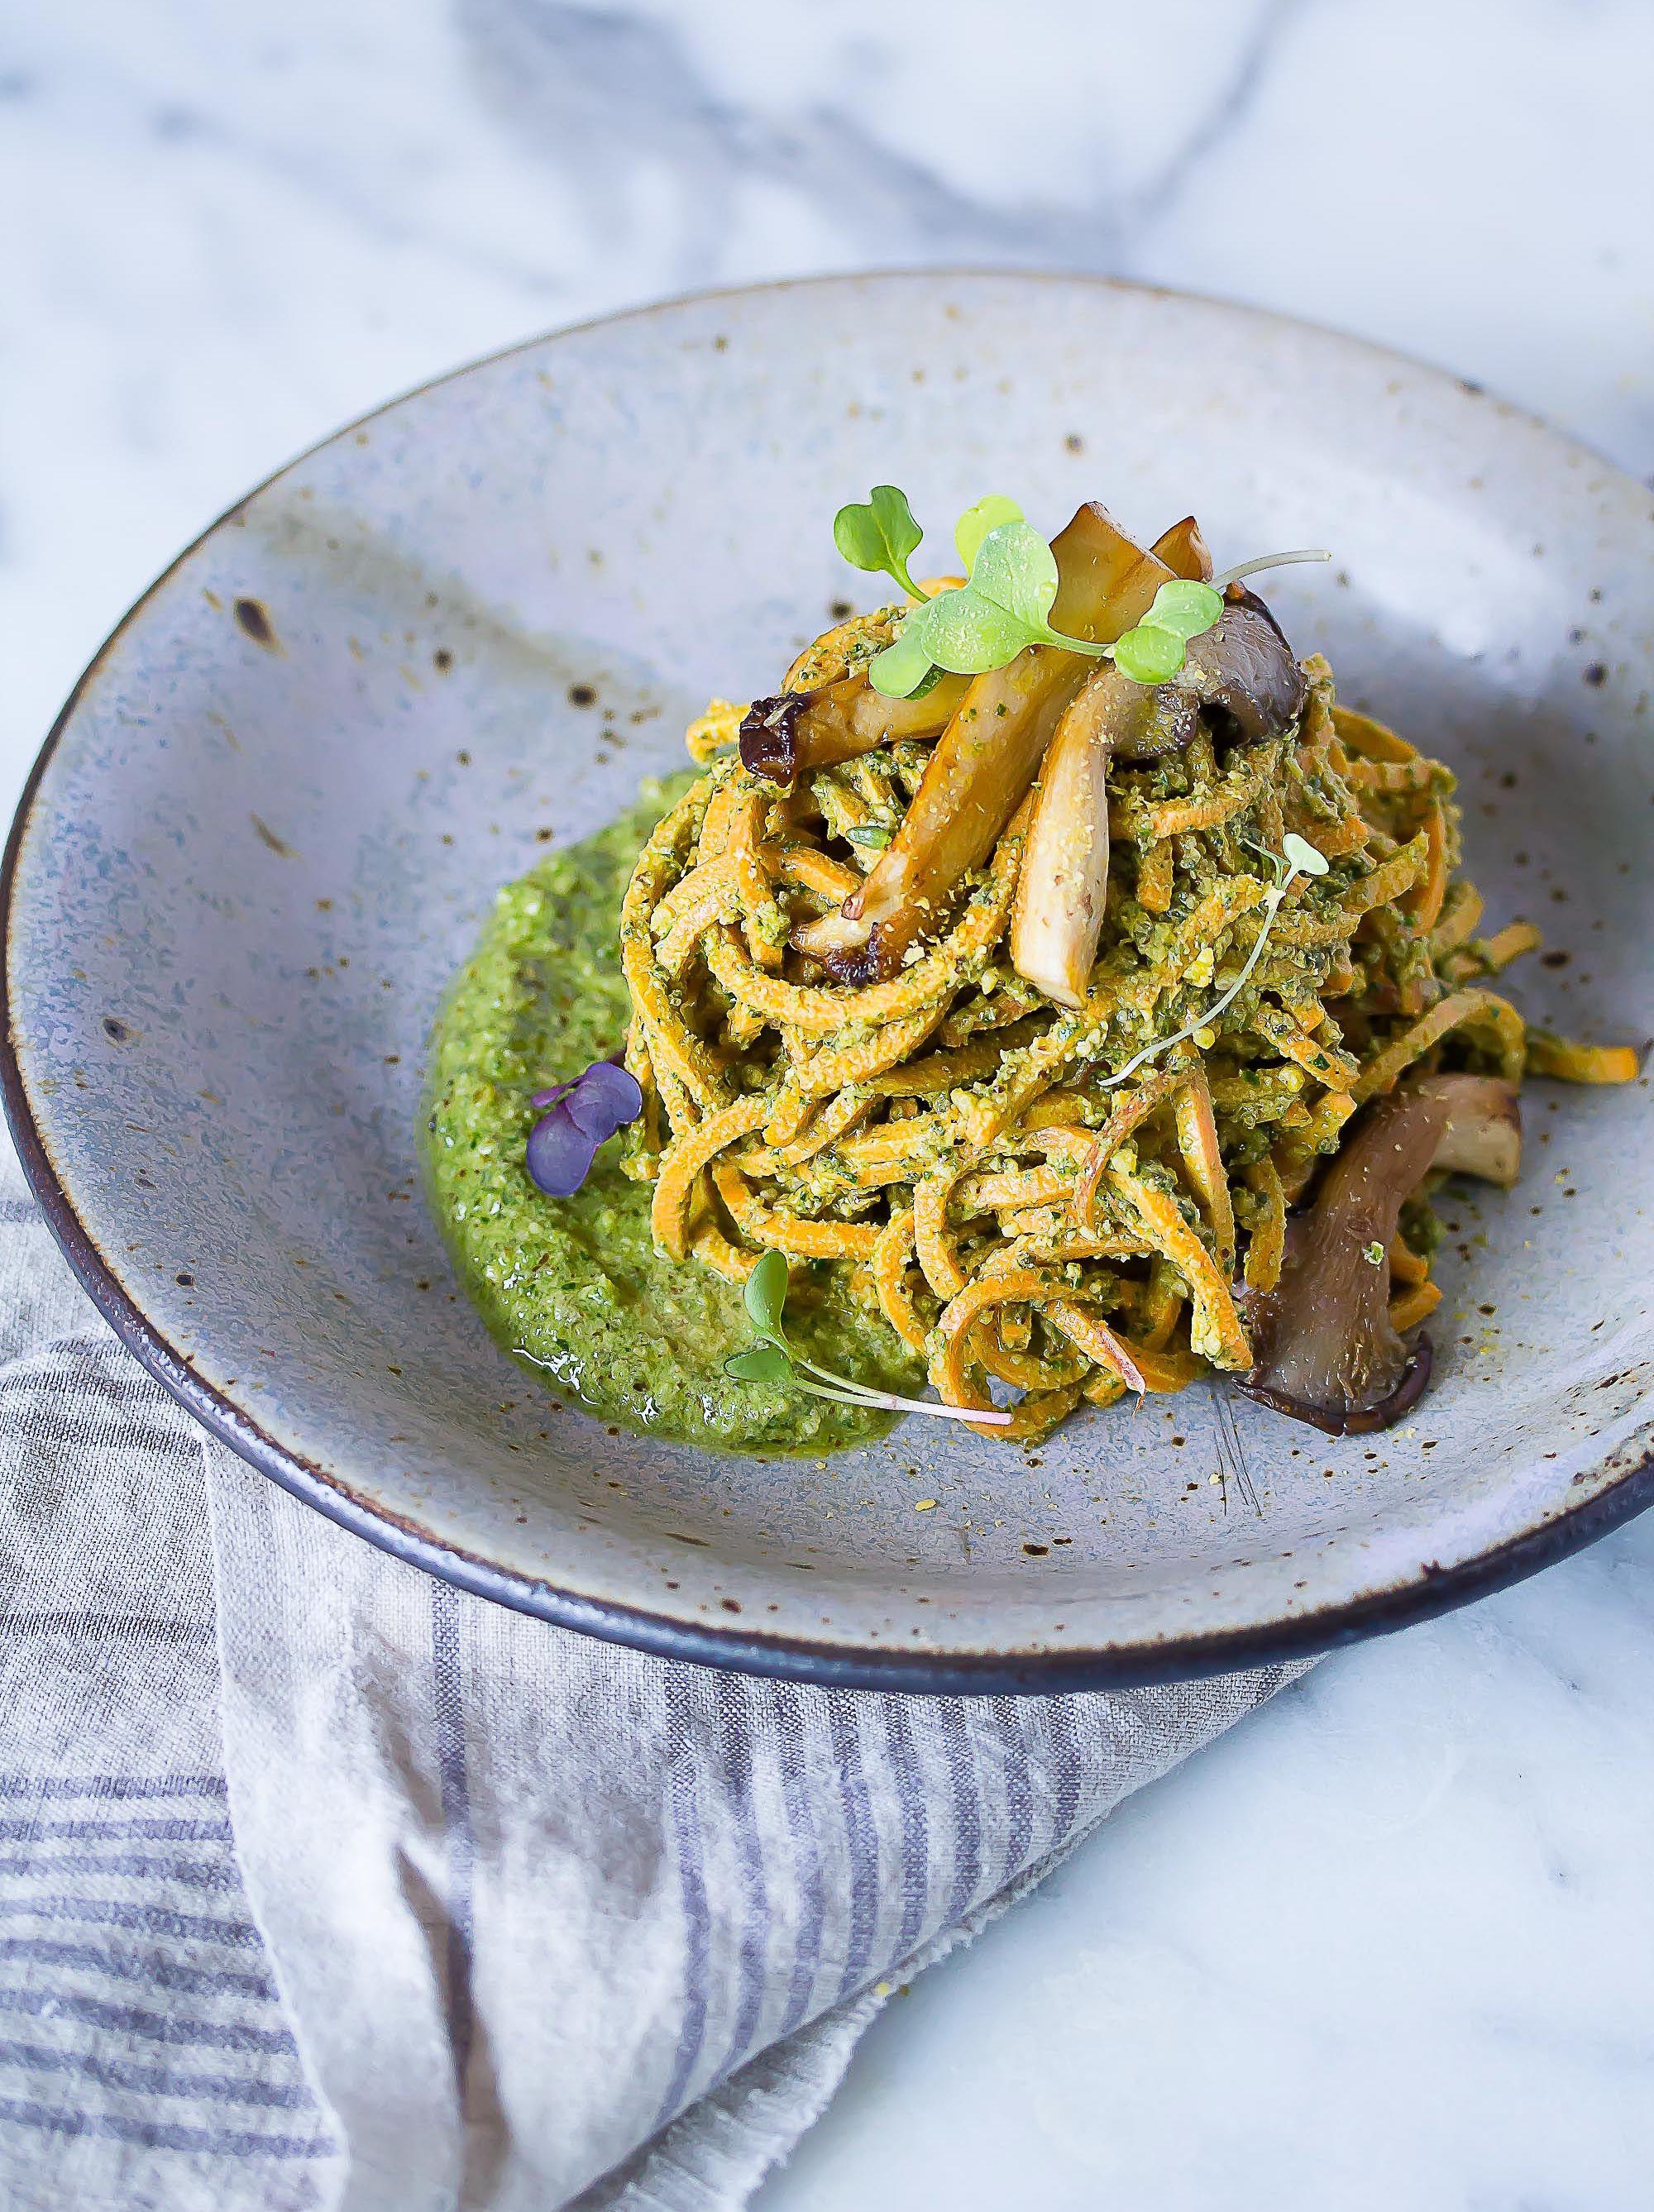 Raw Vegan Sweet Potato Noodles With Sage Pesto Raw Vegan Recipes Raw Food Recipes Vegan Sweet Potato